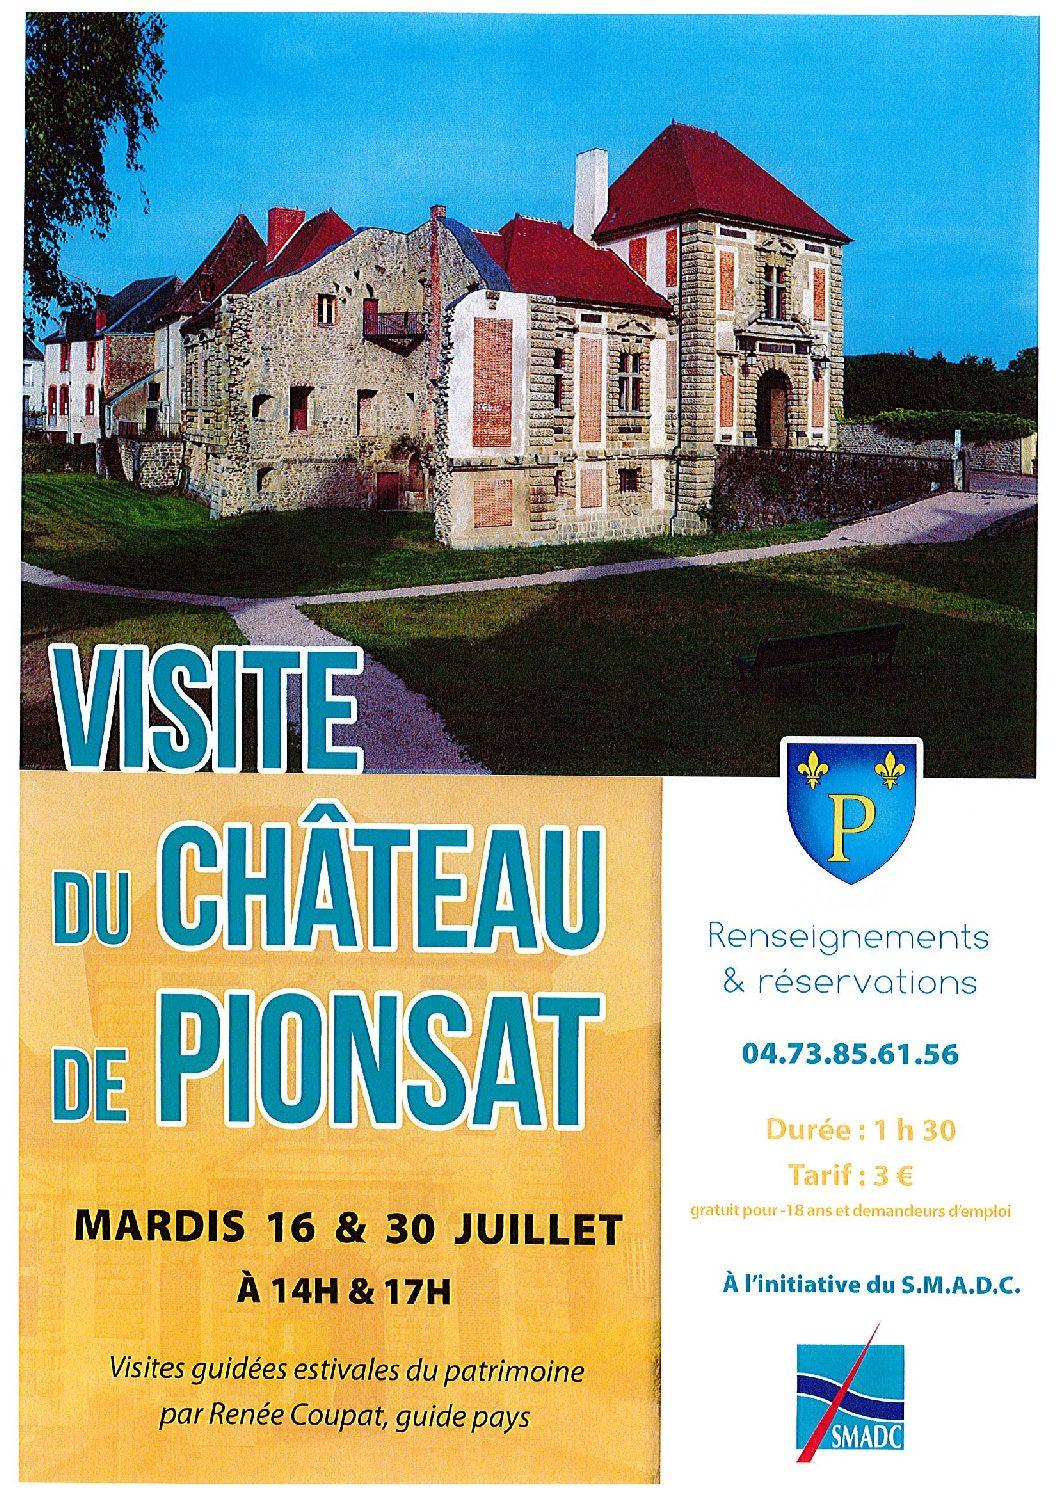 VISITES DU CHATEAU DE PIONSAT